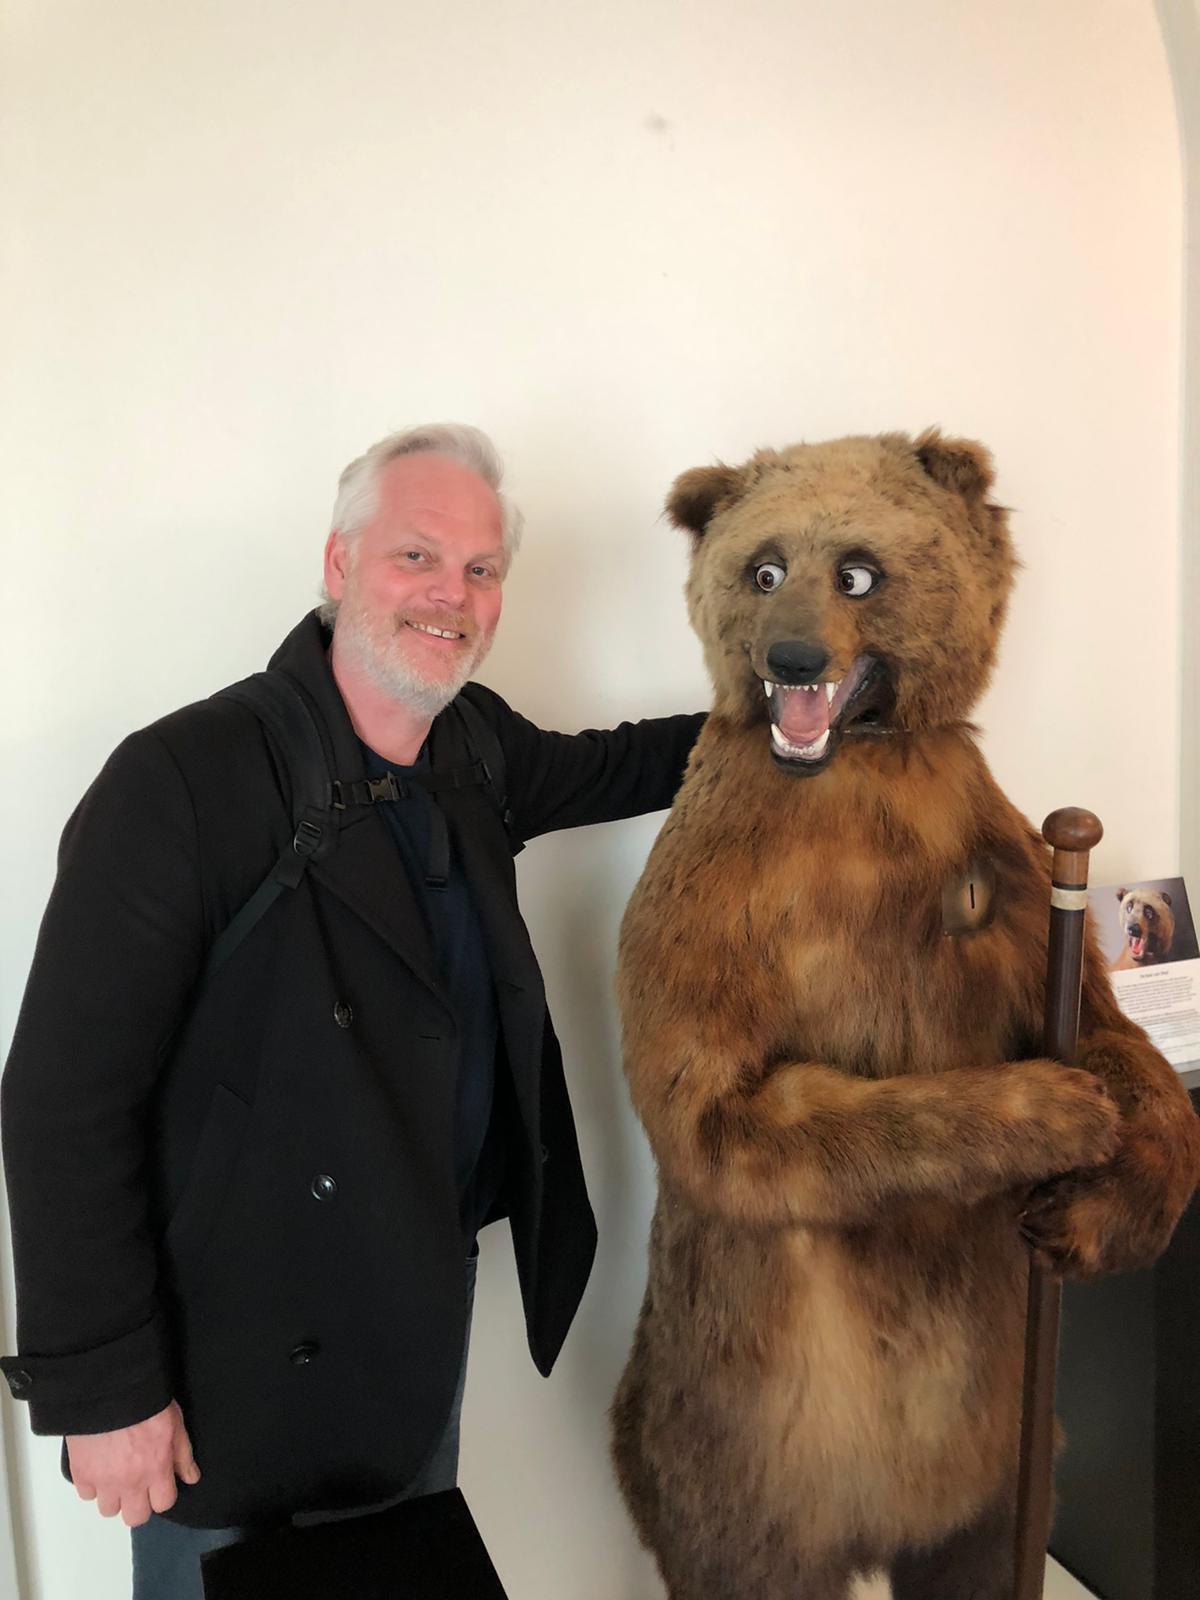 Jan Wijnen met de antieke beer